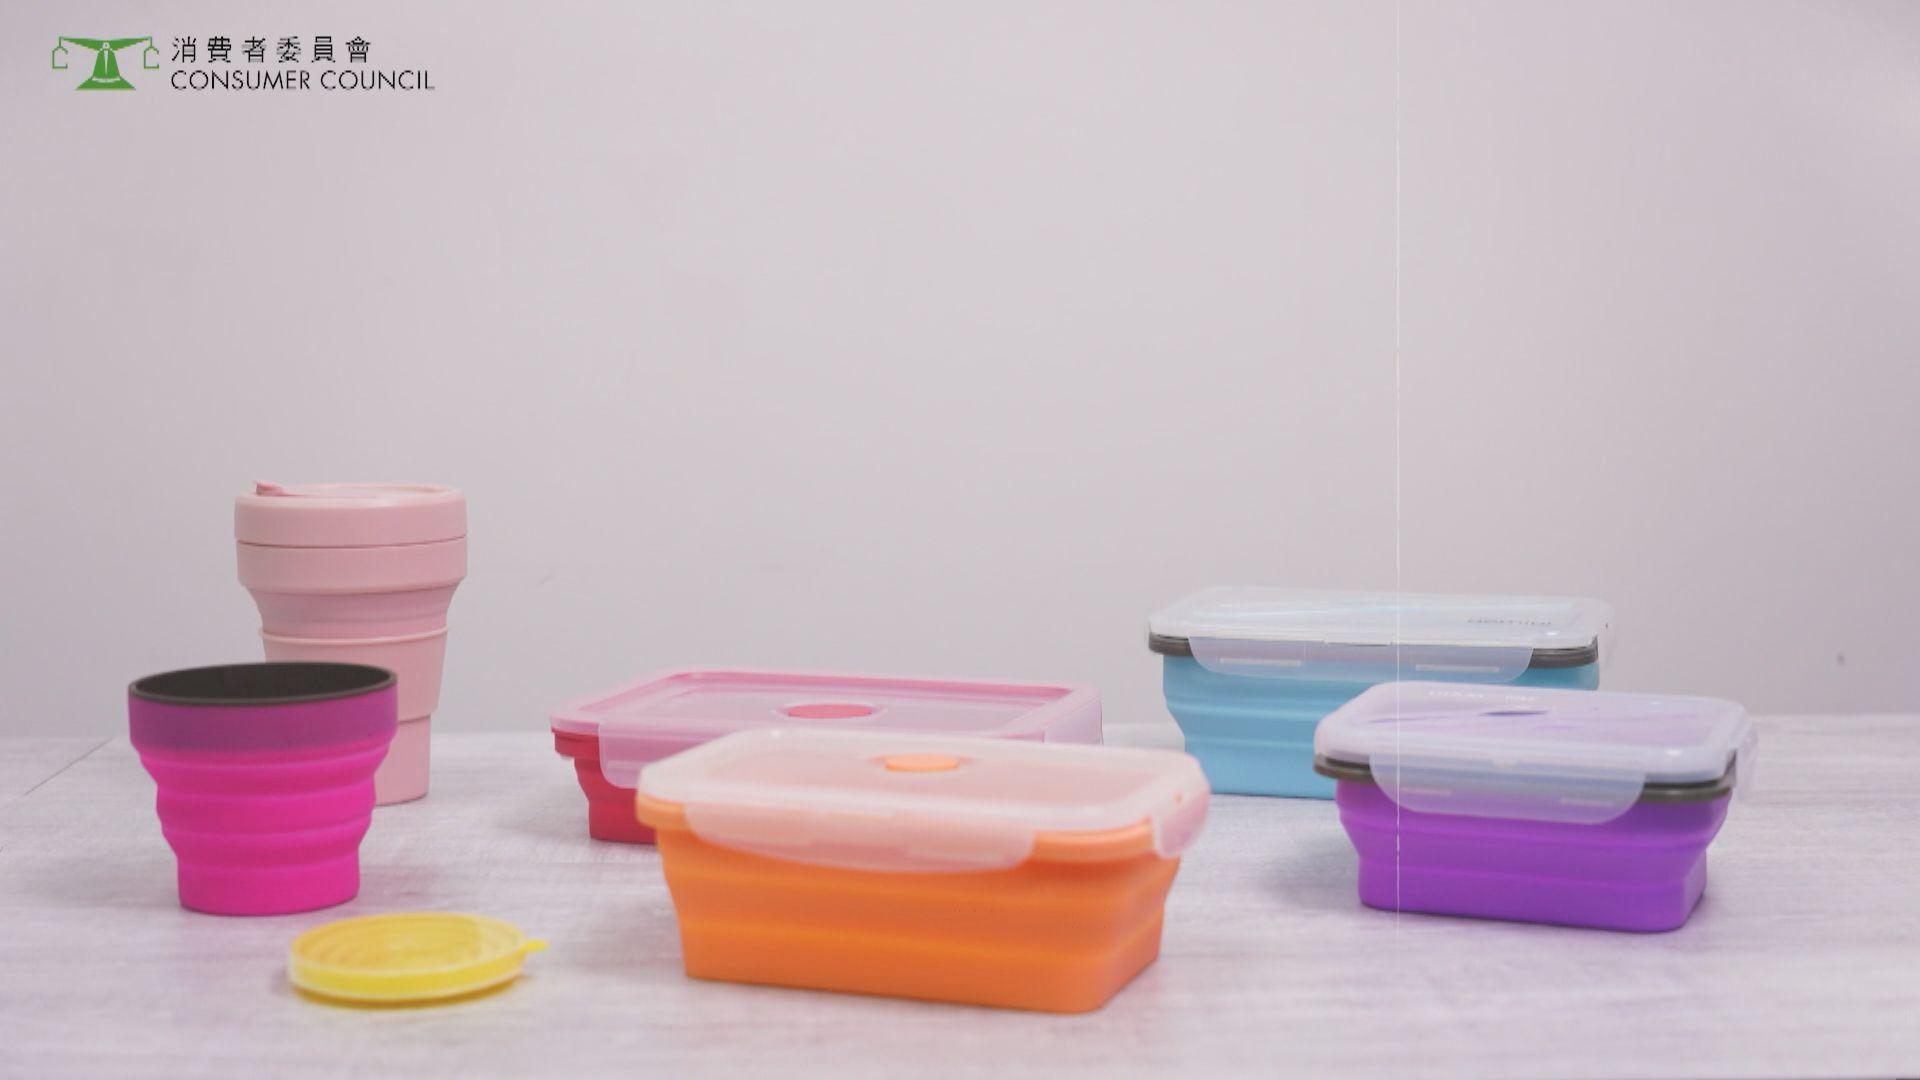 消委會測試逾六成可摺合矽膠餐具可揮發性有機物質超標